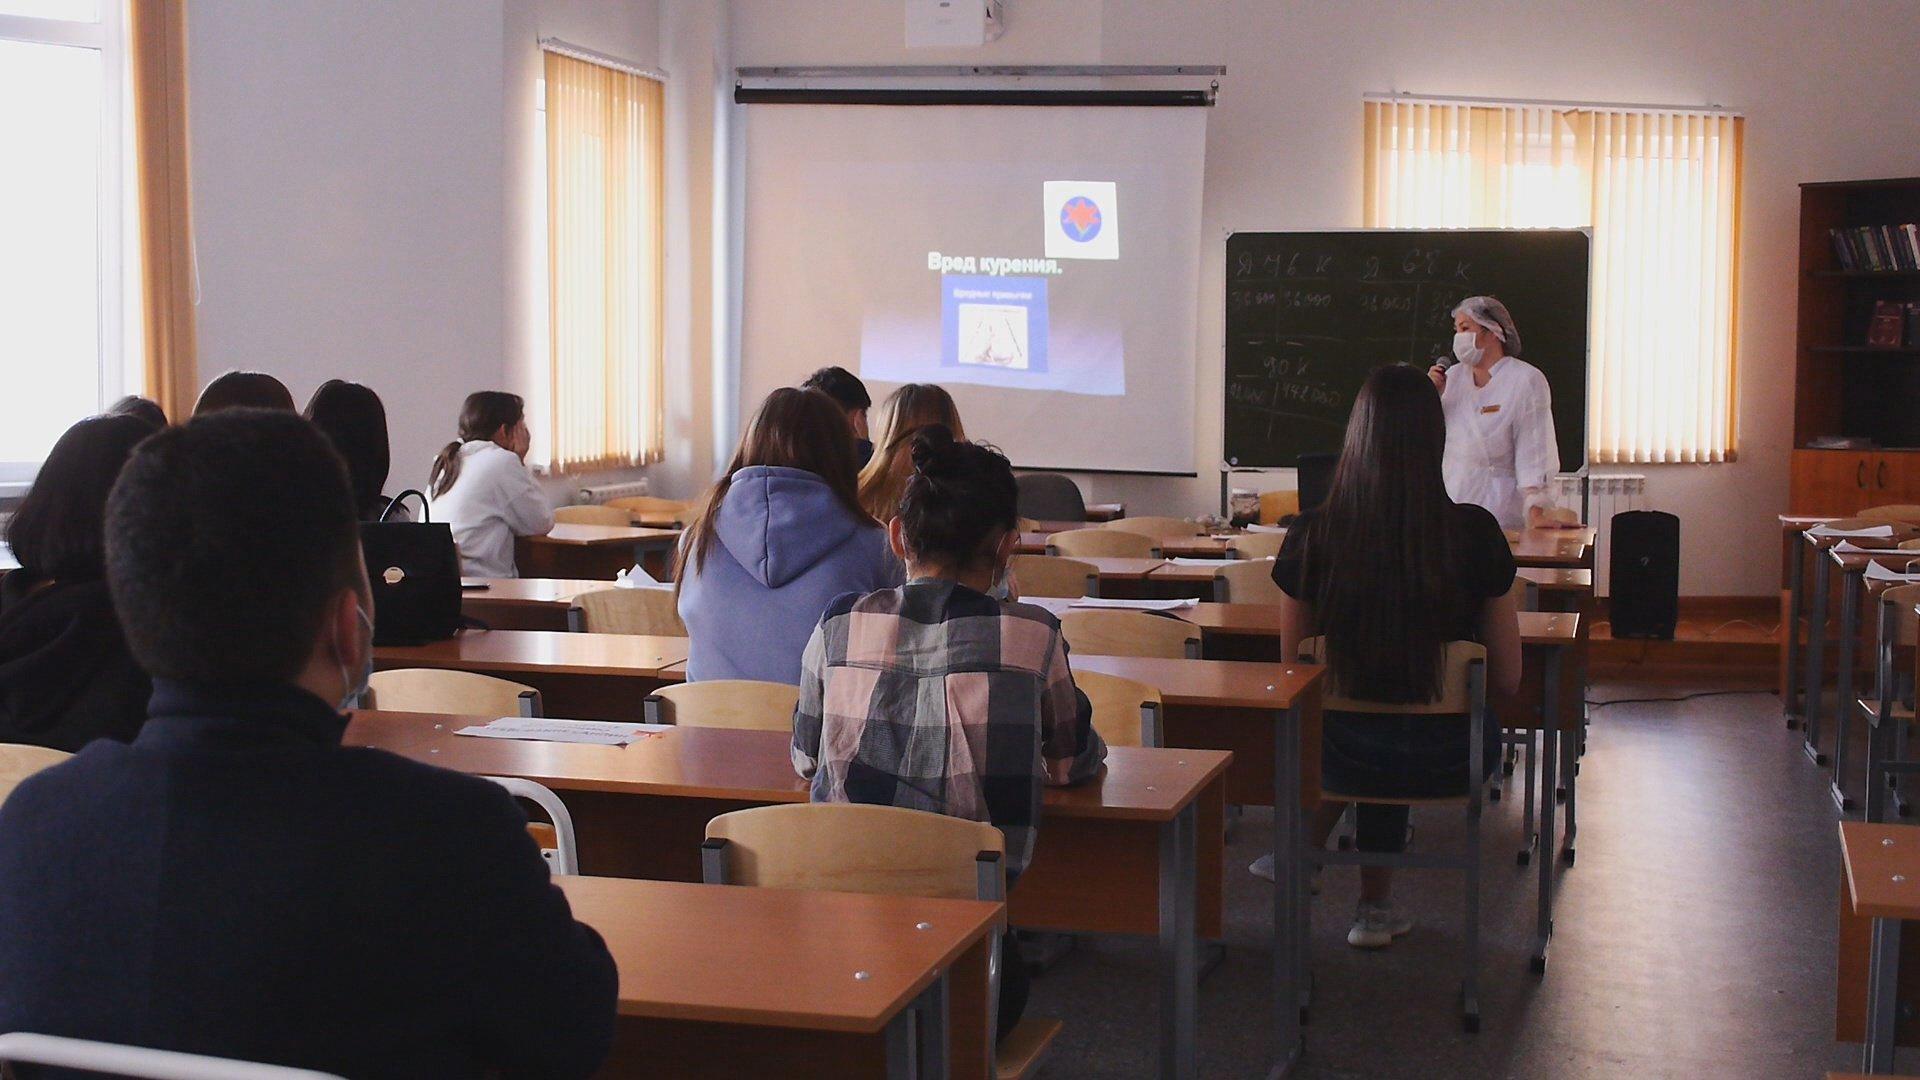 Наркомания лекция учебная лечения от наркомании омск